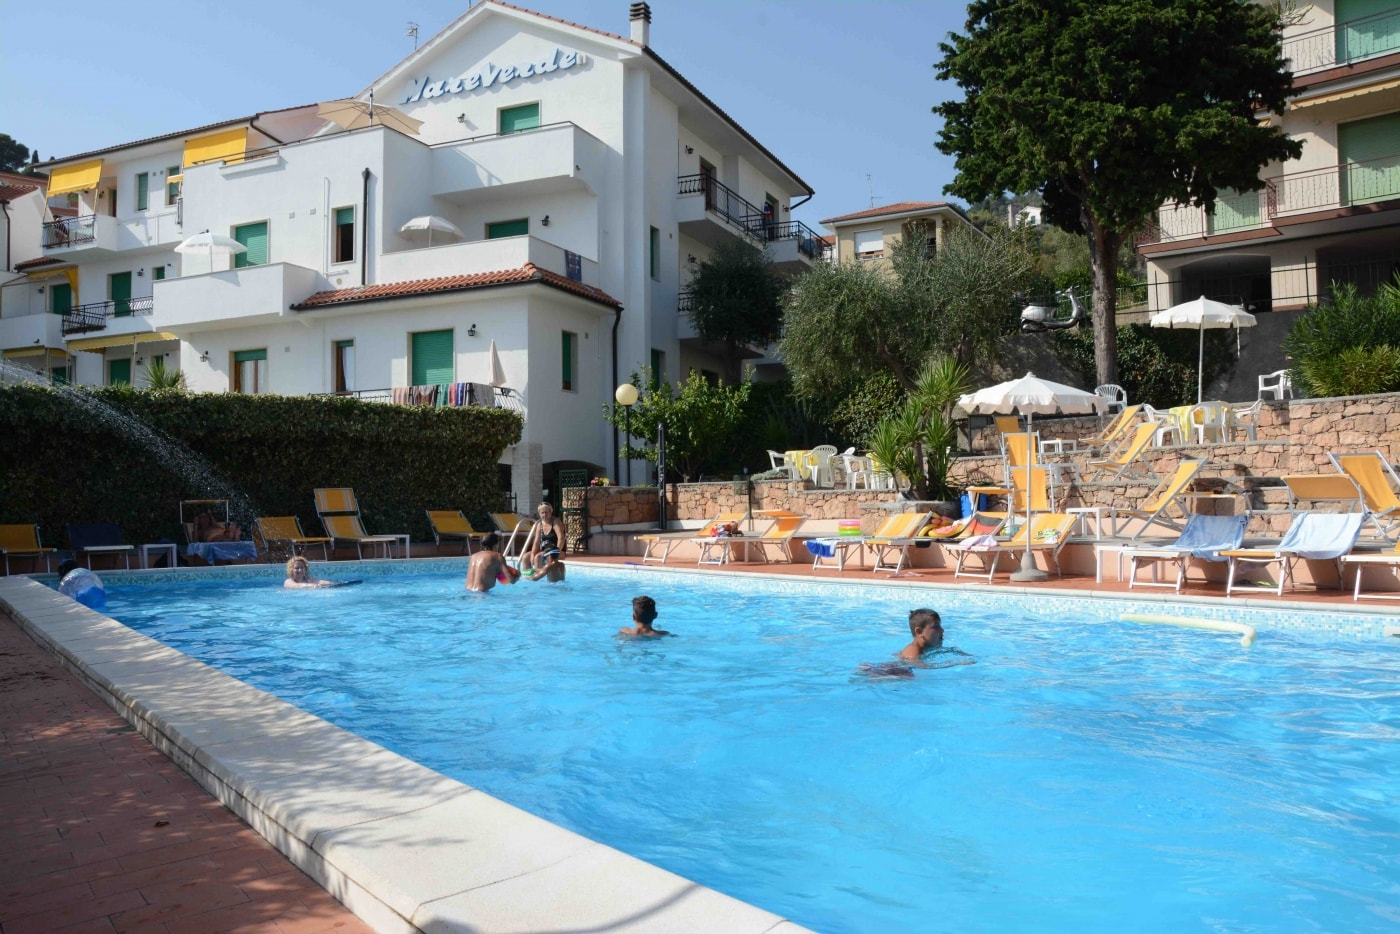 Residence vista mare<br>per vacanze in famiglia<br>a Pietra Ligure